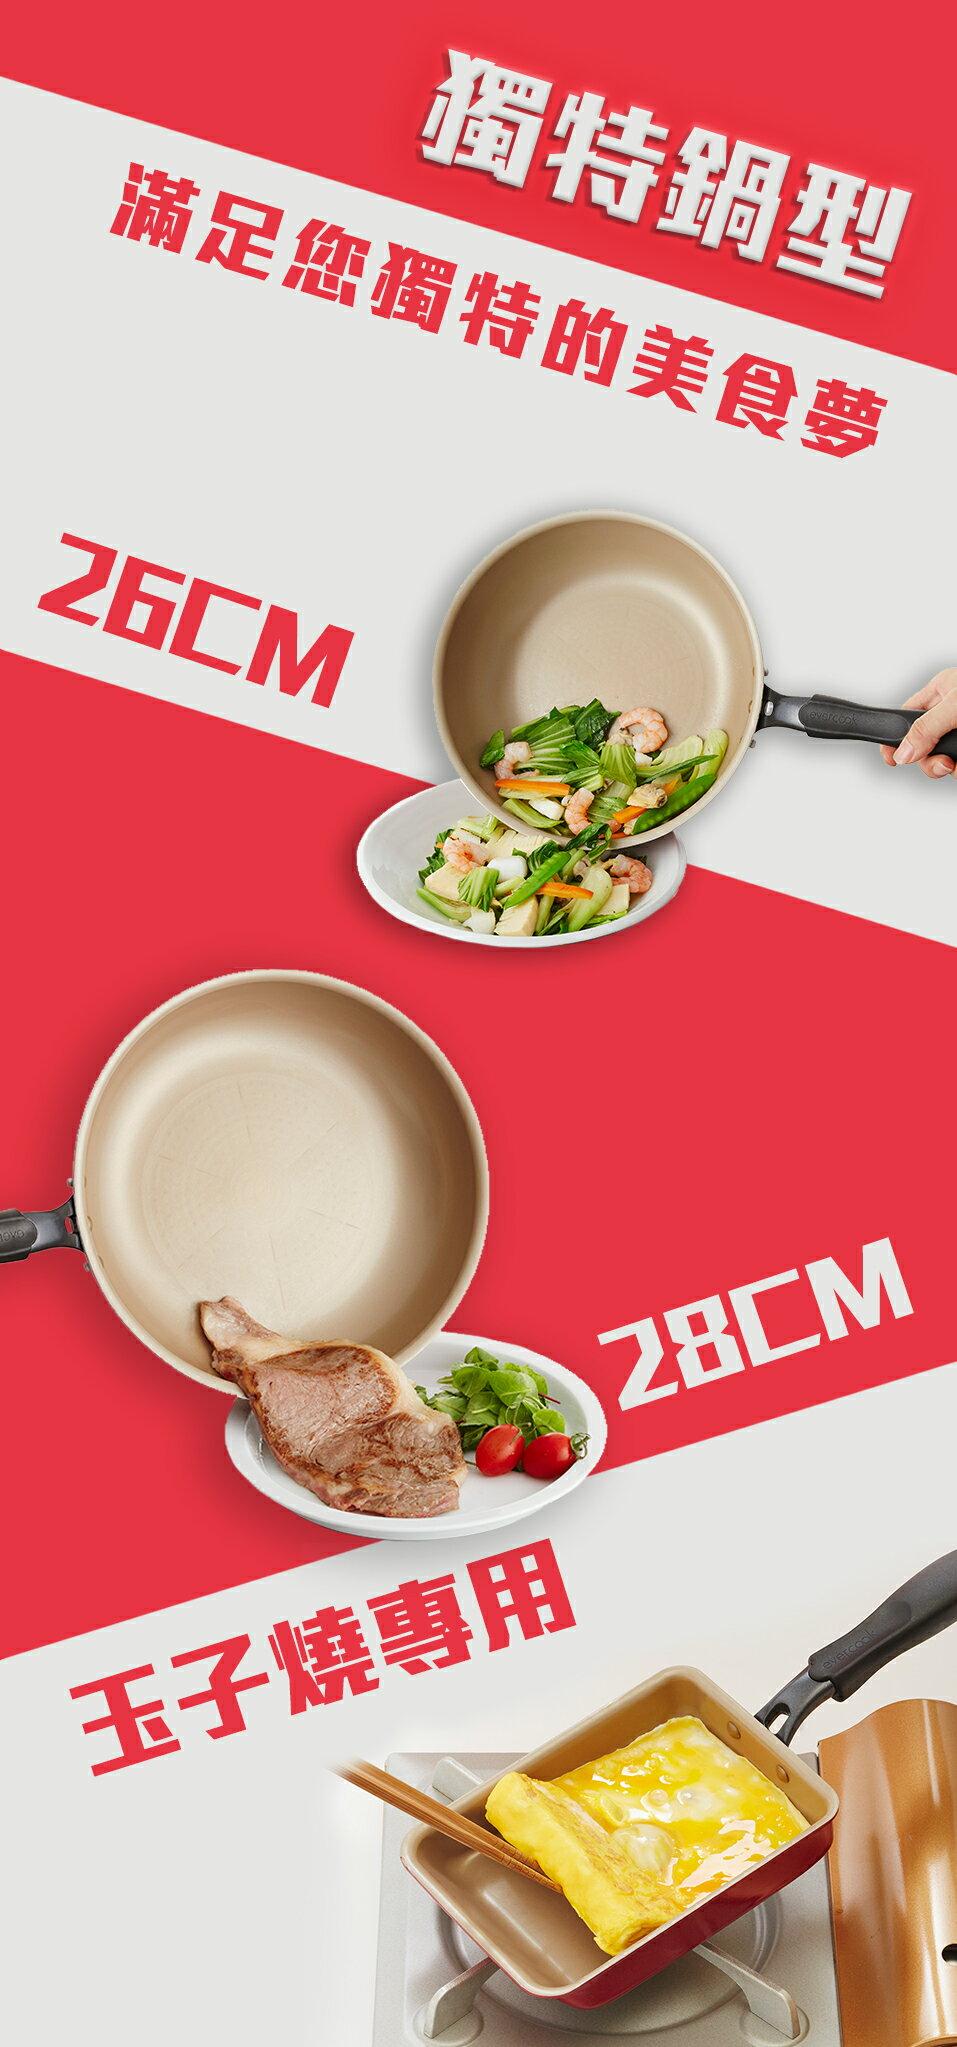 【日本Doshisha evercook】三件組-炒鍋 26cm+炒鍋 28cm+玉子燒-15*18cm 7